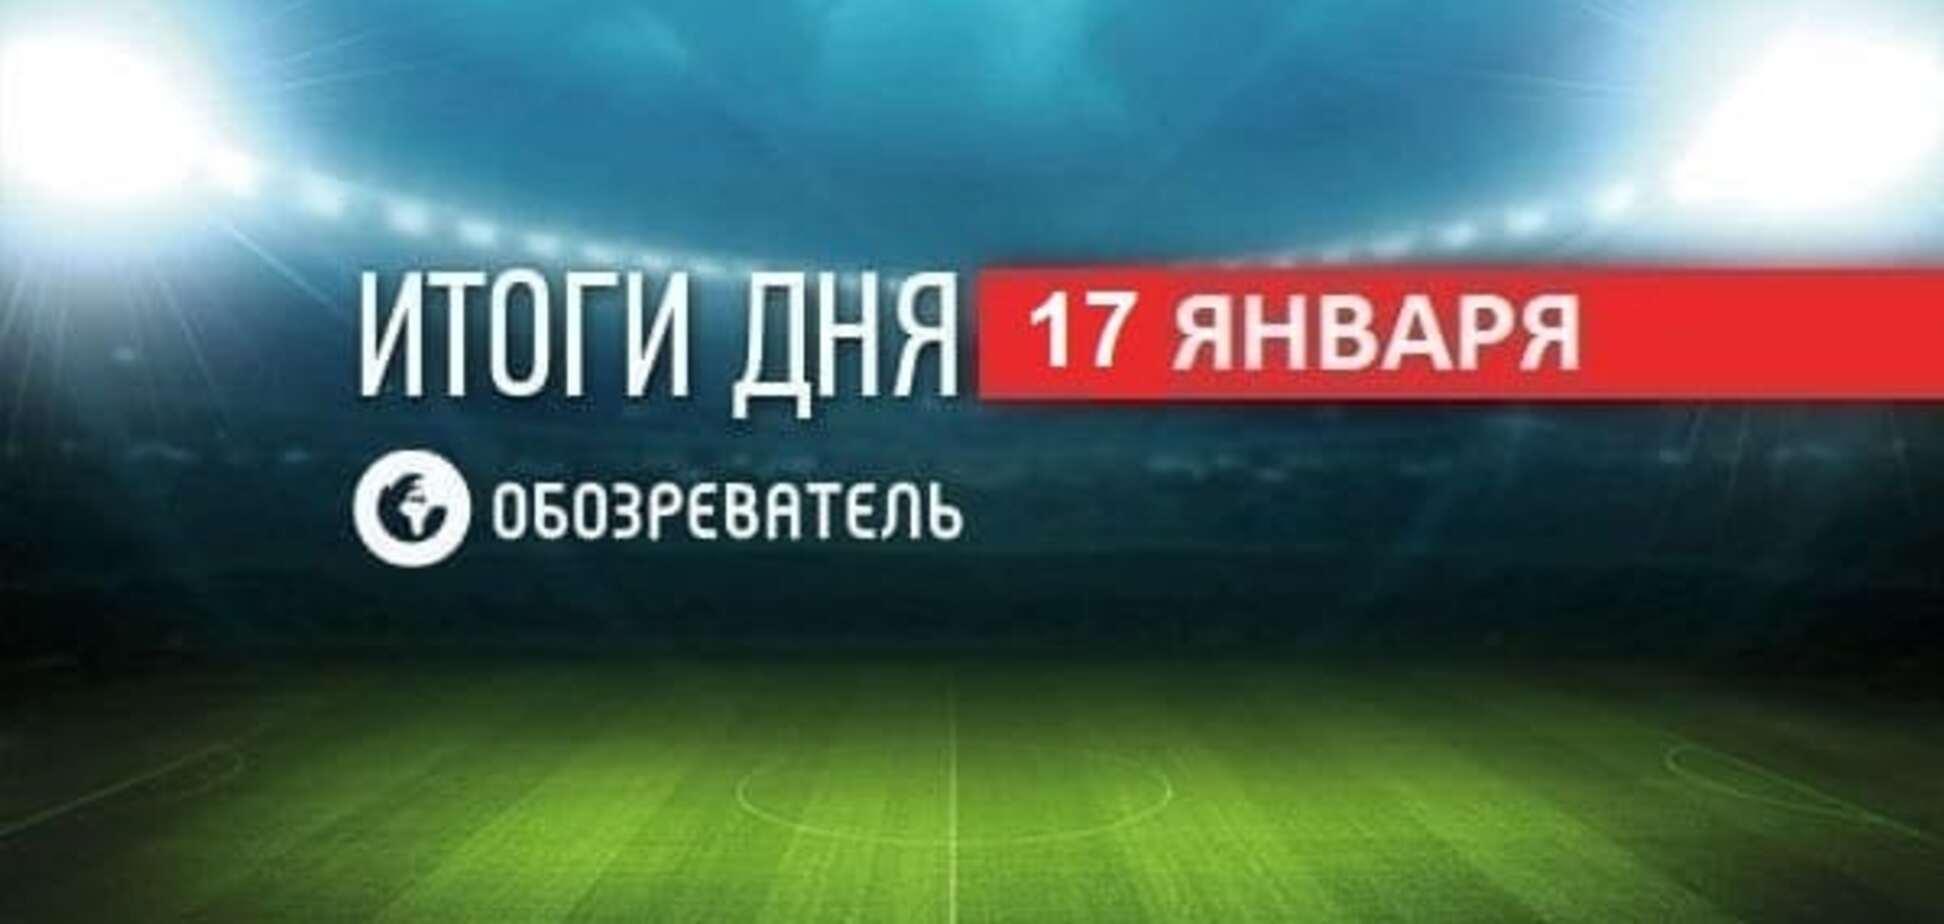 Україна виграла 'золото' Кубка світу. Спортивні підсумки за 17 січня